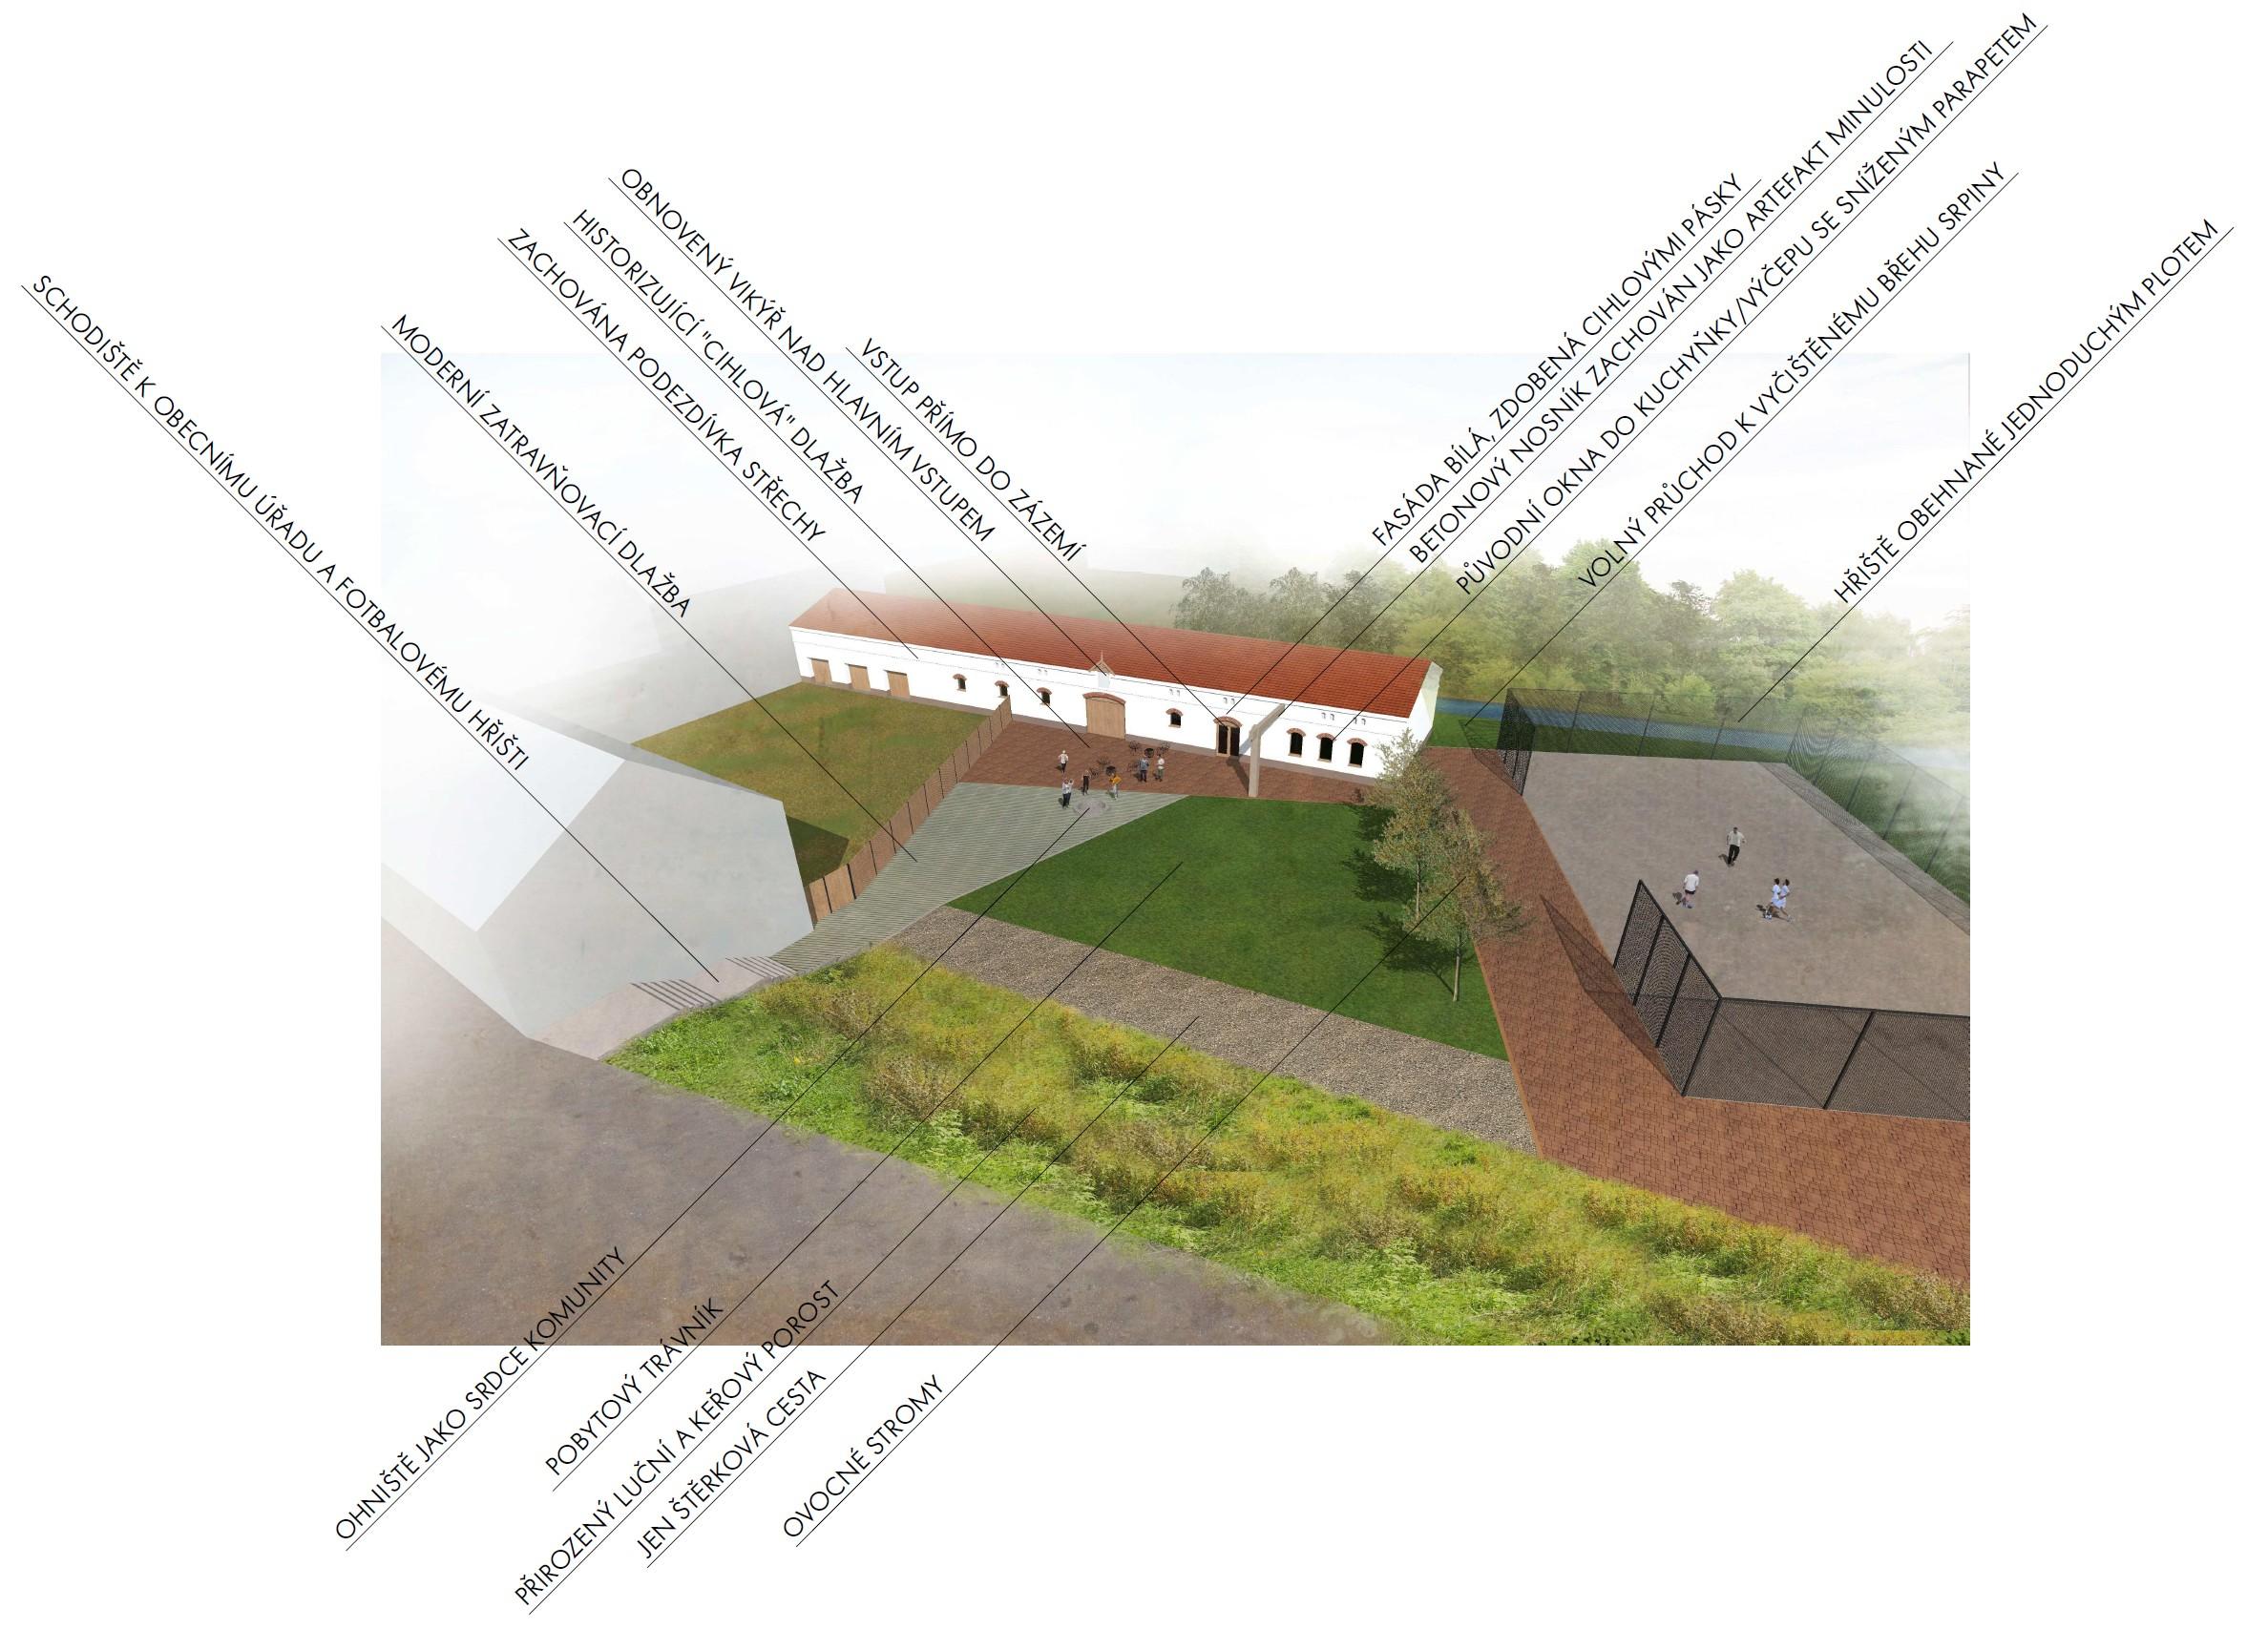 Komunitní centrum v Poleradech - image